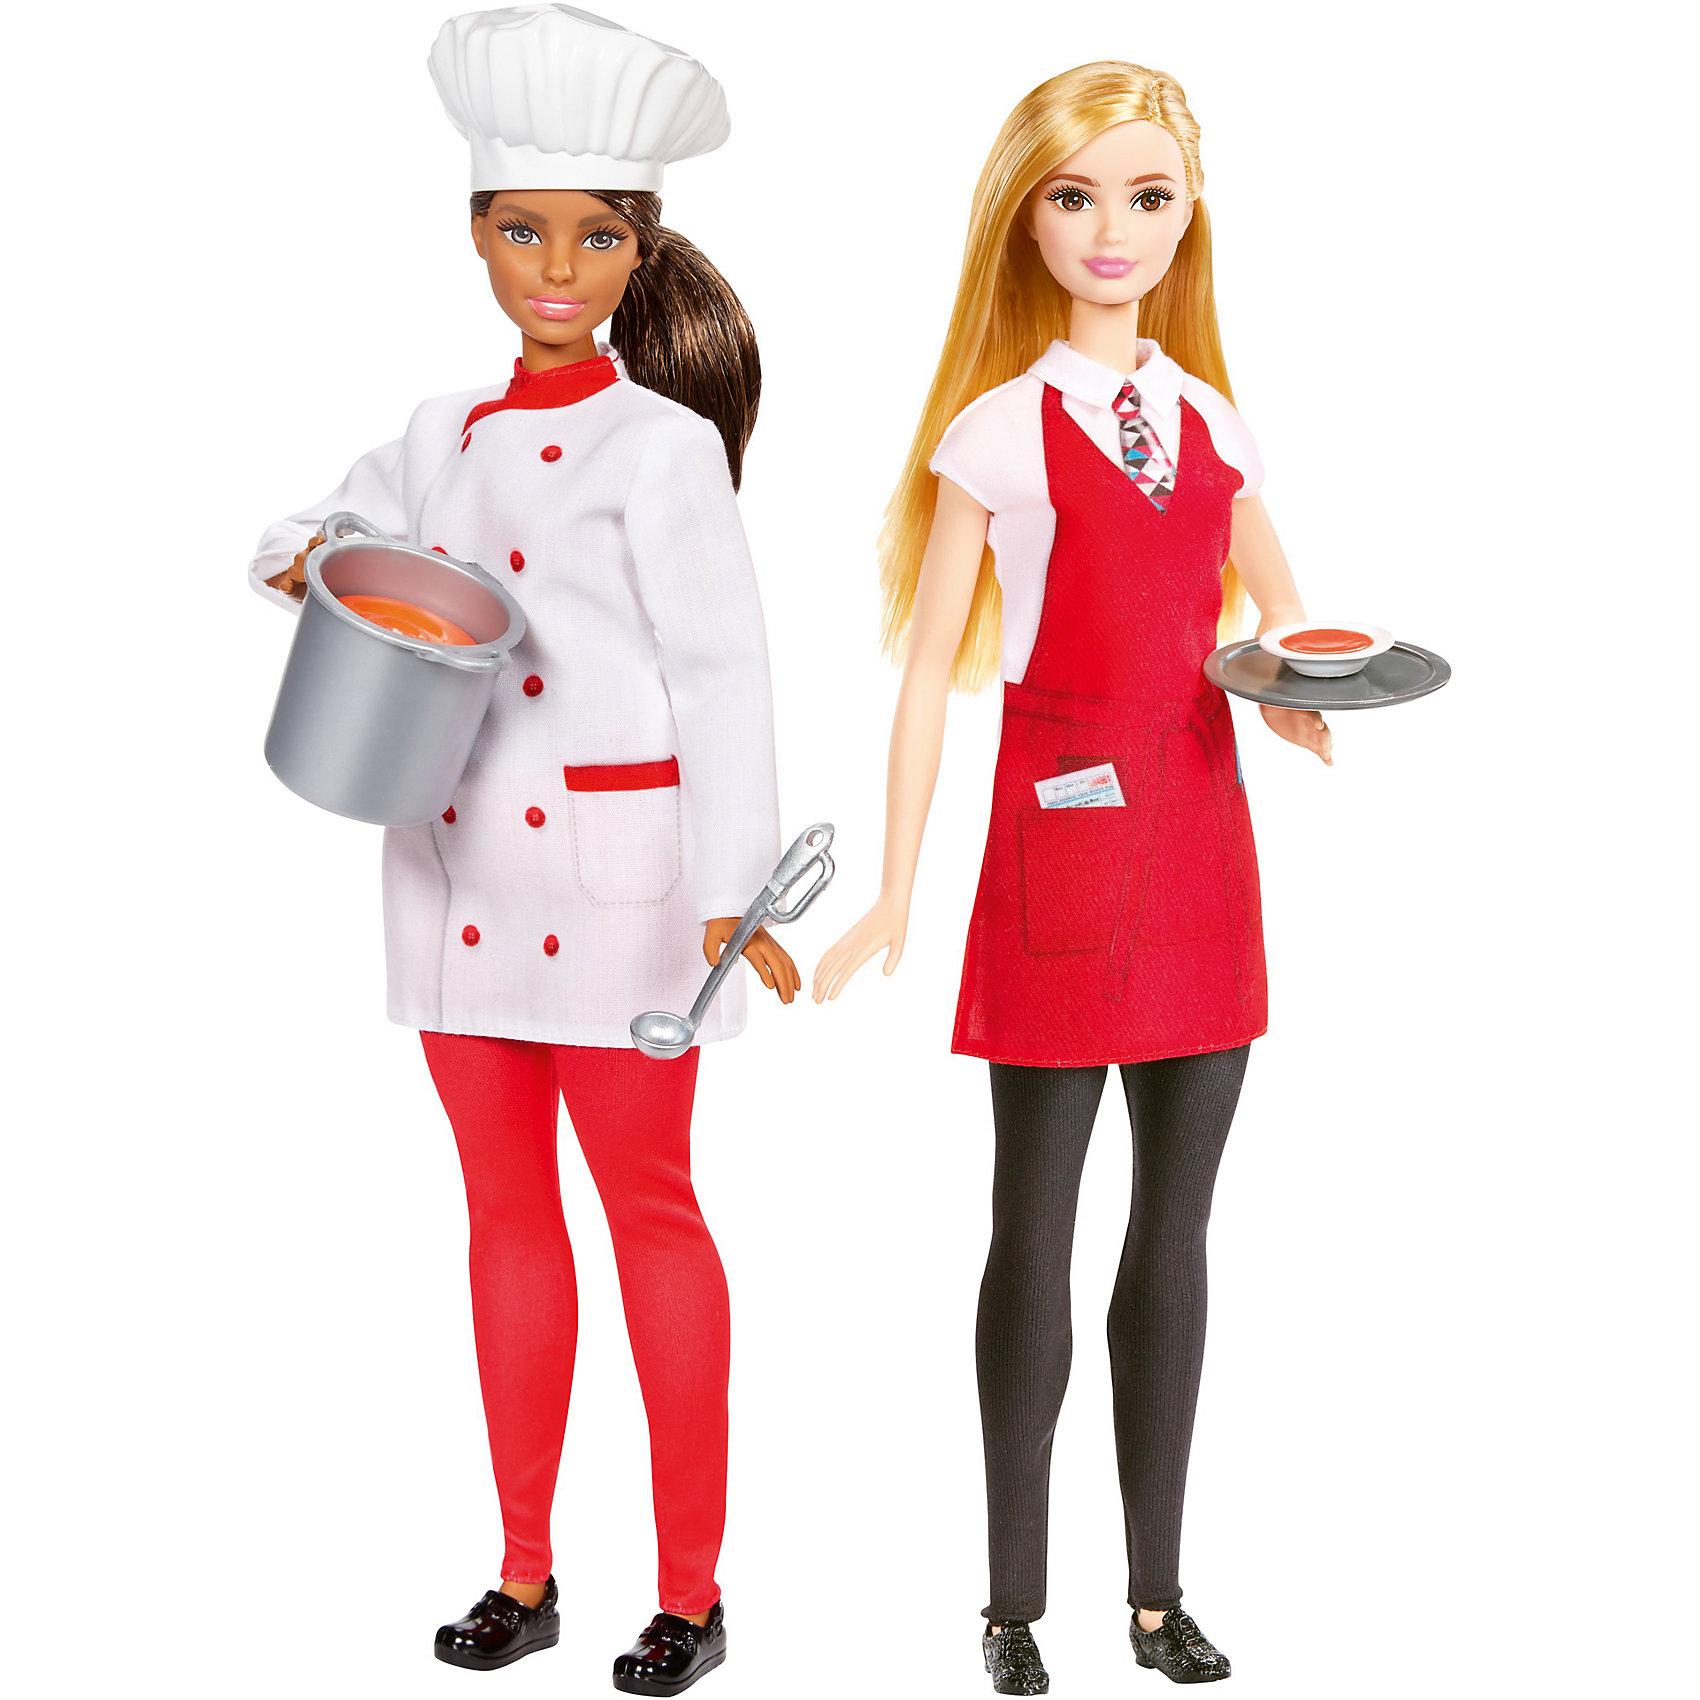 Набор из 2-х кукол Barbie Повар и ОфицианткаНаборы кукол<br>Характеристики товара:<br><br>• возраст: от 3 лет<br>• материал: пластик;<br>• высота кукол: 28-30 см;<br>• размер упаковки: 31X32X7 см;<br>• страна бренда: США<br>• страна изготовоитель: Китай<br><br>Наборы Barbie®, посвященные разным профессиям, помогут маленьким фантазеркам узнать больше о разных профессиях. В каждом наборе две куклы и аксессуары, связанные с их работой. <br><br>Кукла-повар носит белый поварской китель, красные брюки, черные туфли и белый колпак. Кастрюля и поварешка помогут приготовить вкуснейшие блюда. Кукла-официантка, одета в белую рубашку, красный фартук, черные брюки и ботинки. У нее с собой поднос с миской аппетитного супа. <br><br>Набор из 2-х кукол Barbie Повар и Официантка можно купить в нашем интернет-магазине.<br><br>Ширина мм: 327<br>Глубина мм: 319<br>Высота мм: 63<br>Вес г: 492<br>Возраст от месяцев: 36<br>Возраст до месяцев: 72<br>Пол: Женский<br>Возраст: Детский<br>SKU: 6739669